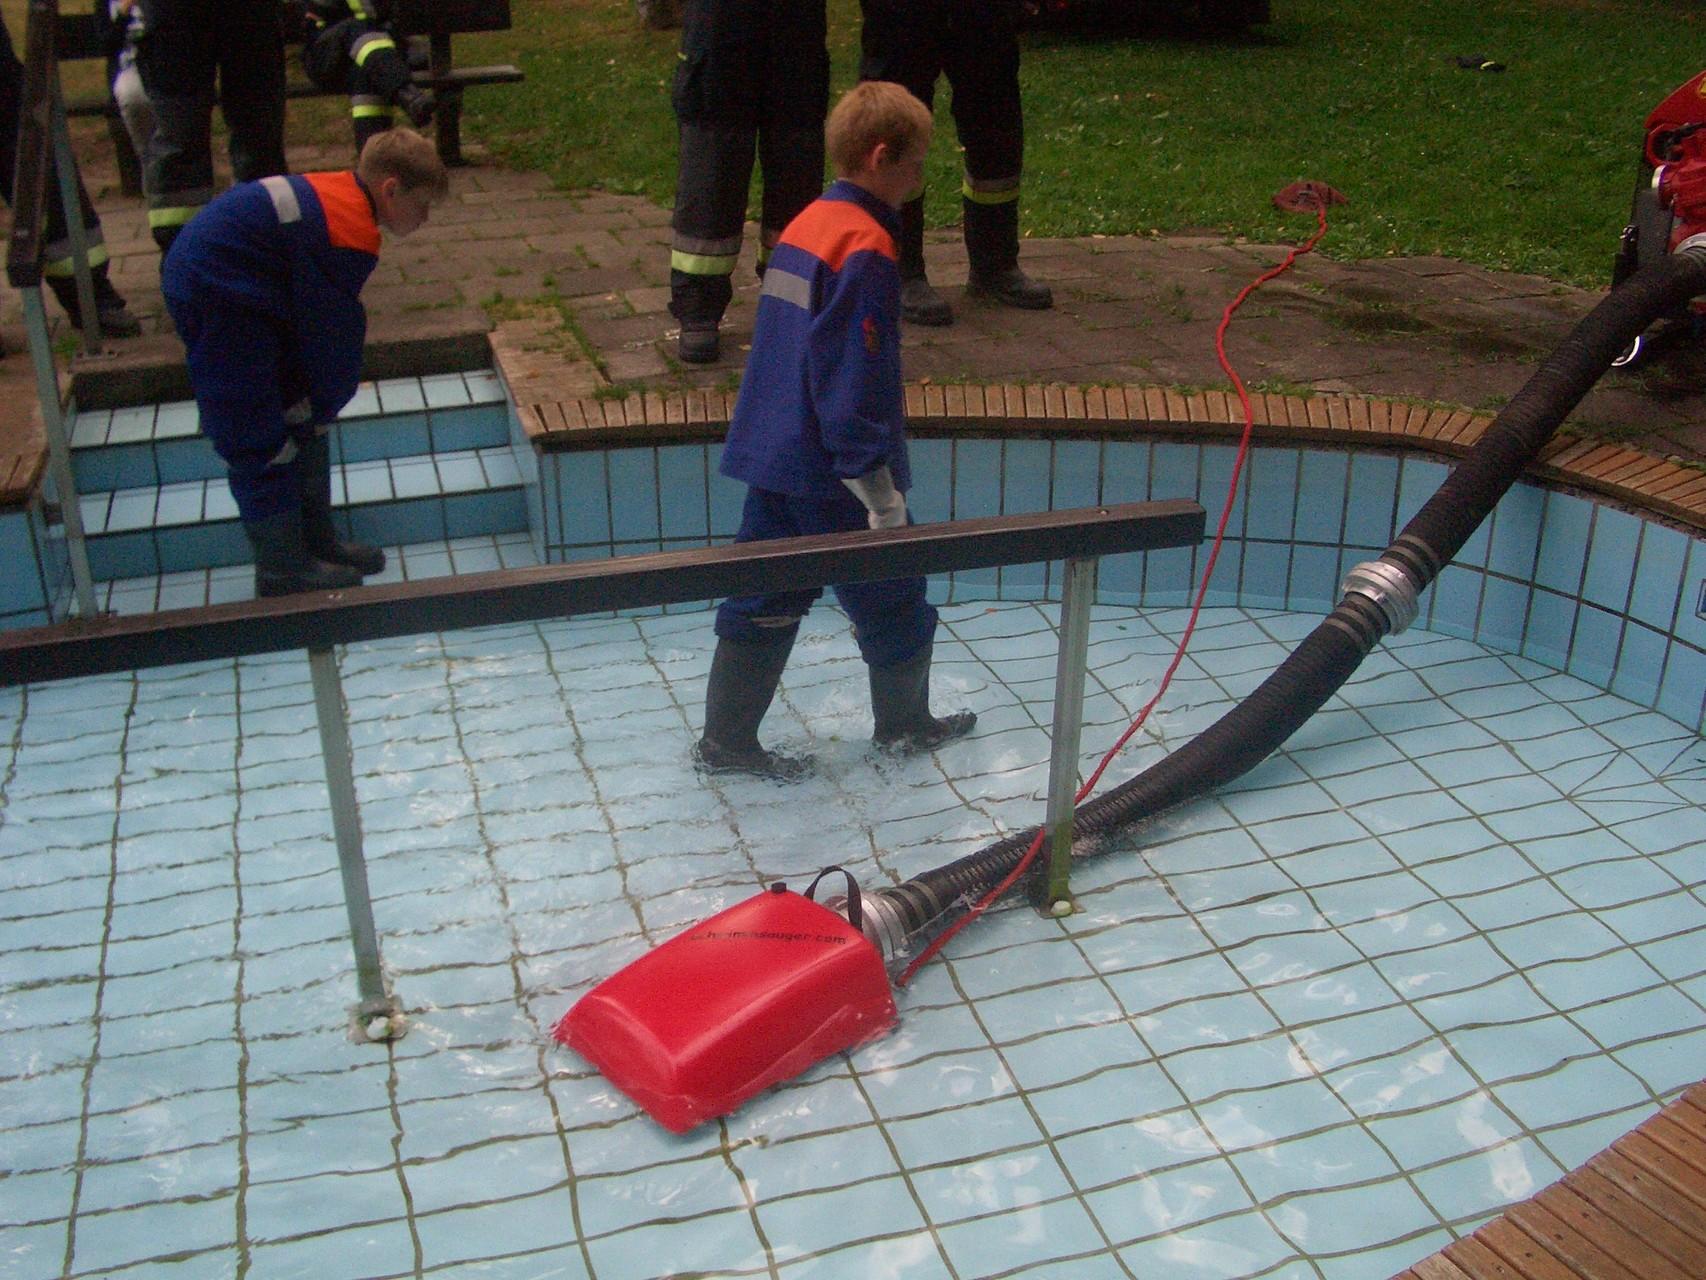 Schwimmsauger: Der Schwimmsauger ermöglicht es Löschwasser aus flachen Gewässern anzusaugen ohne diese vorher anzustauen.